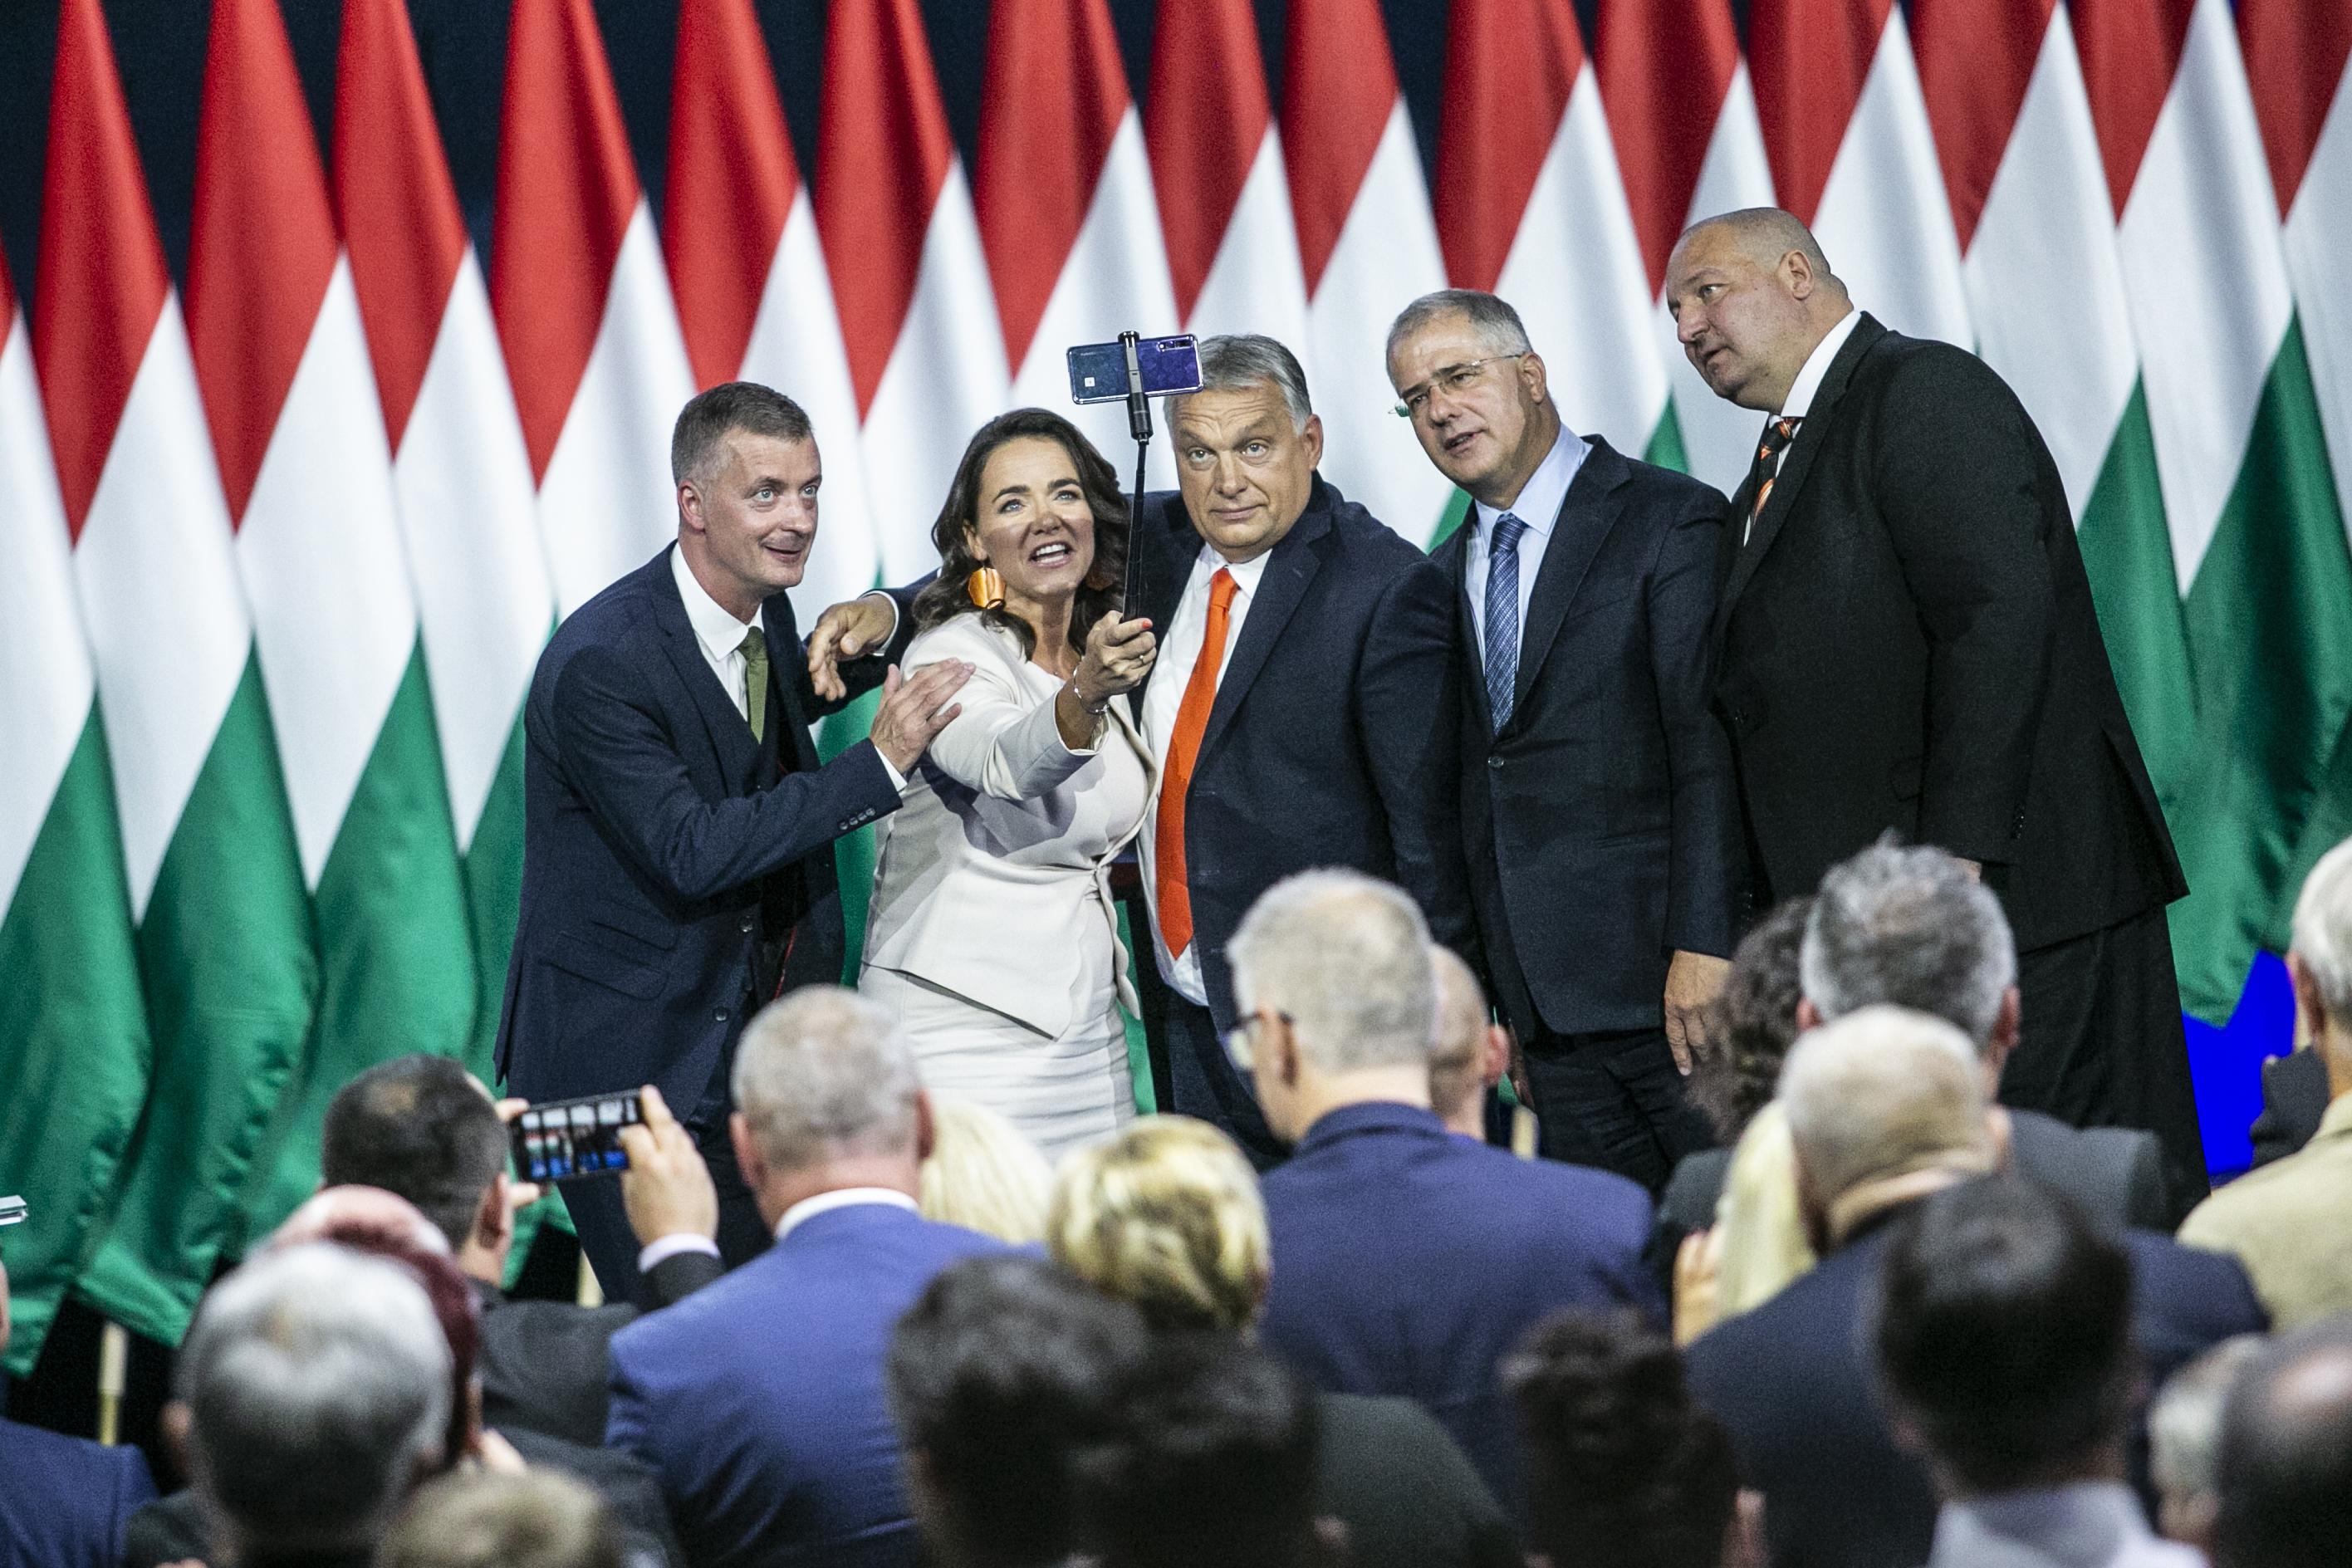 Orbán Karácsony törvénytelenül lehallgatott beszélgetésén és Wittinghoff lejárató-szexvideóján viccelődött